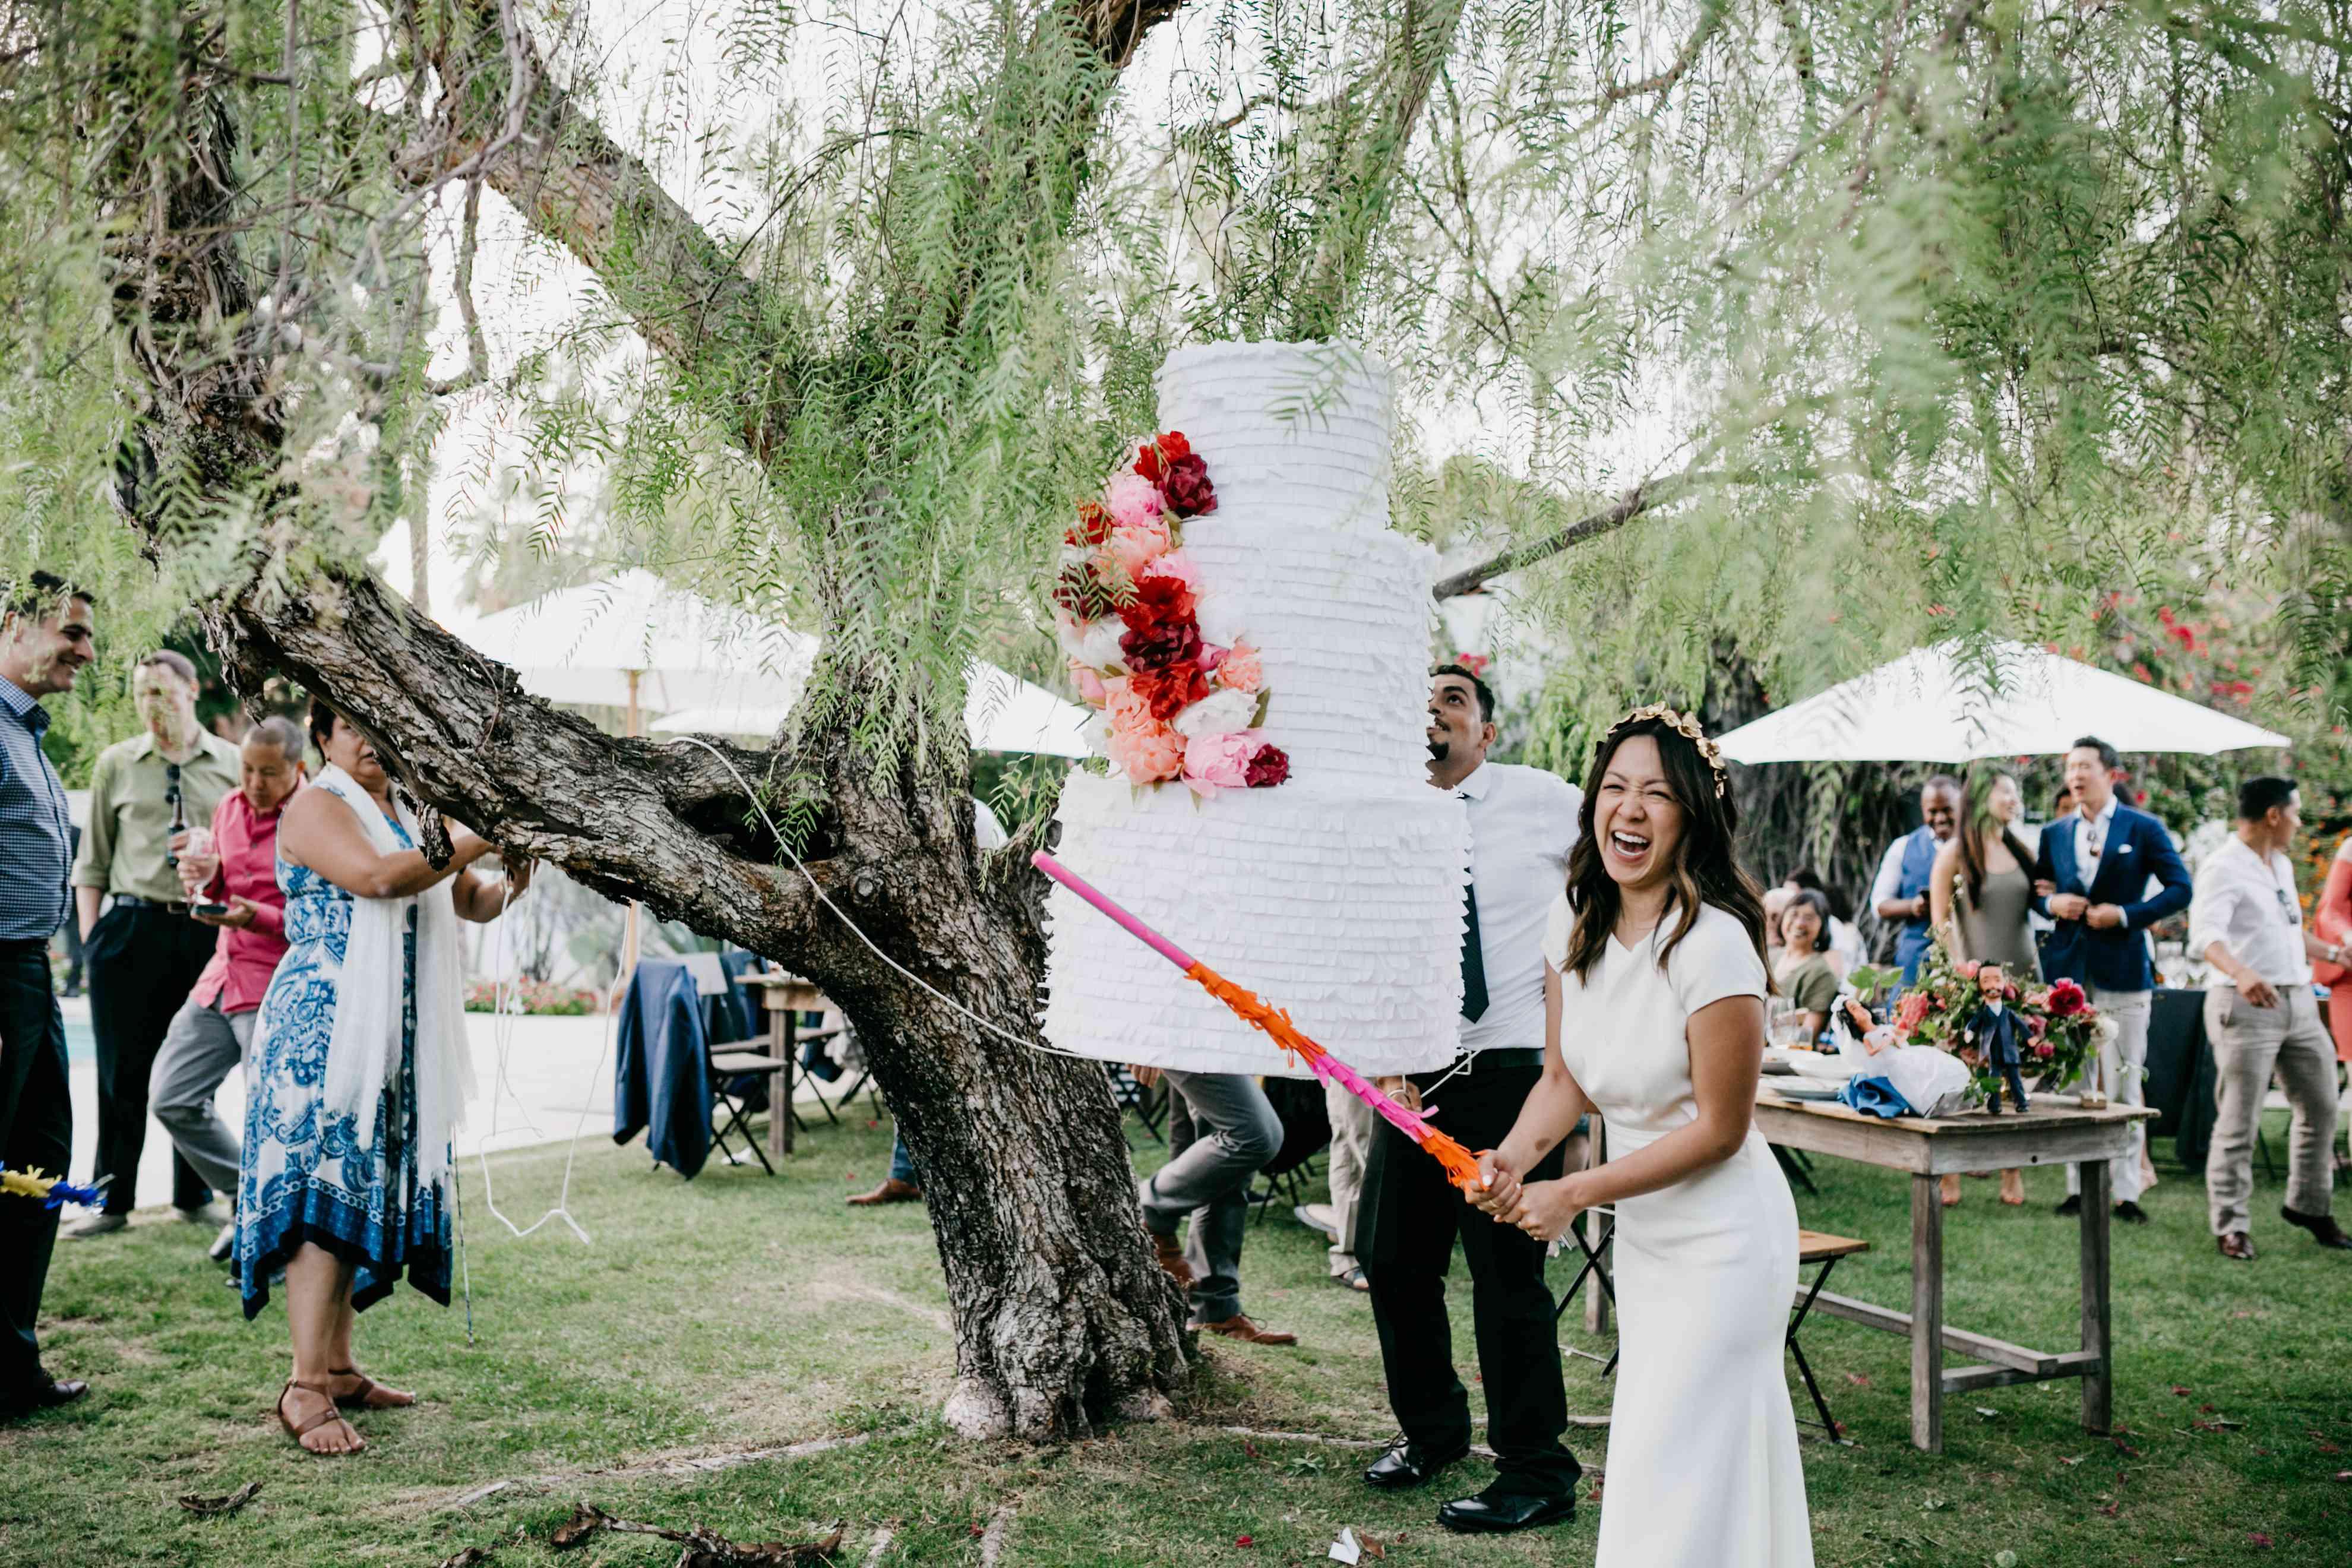 bride swinging at pinata